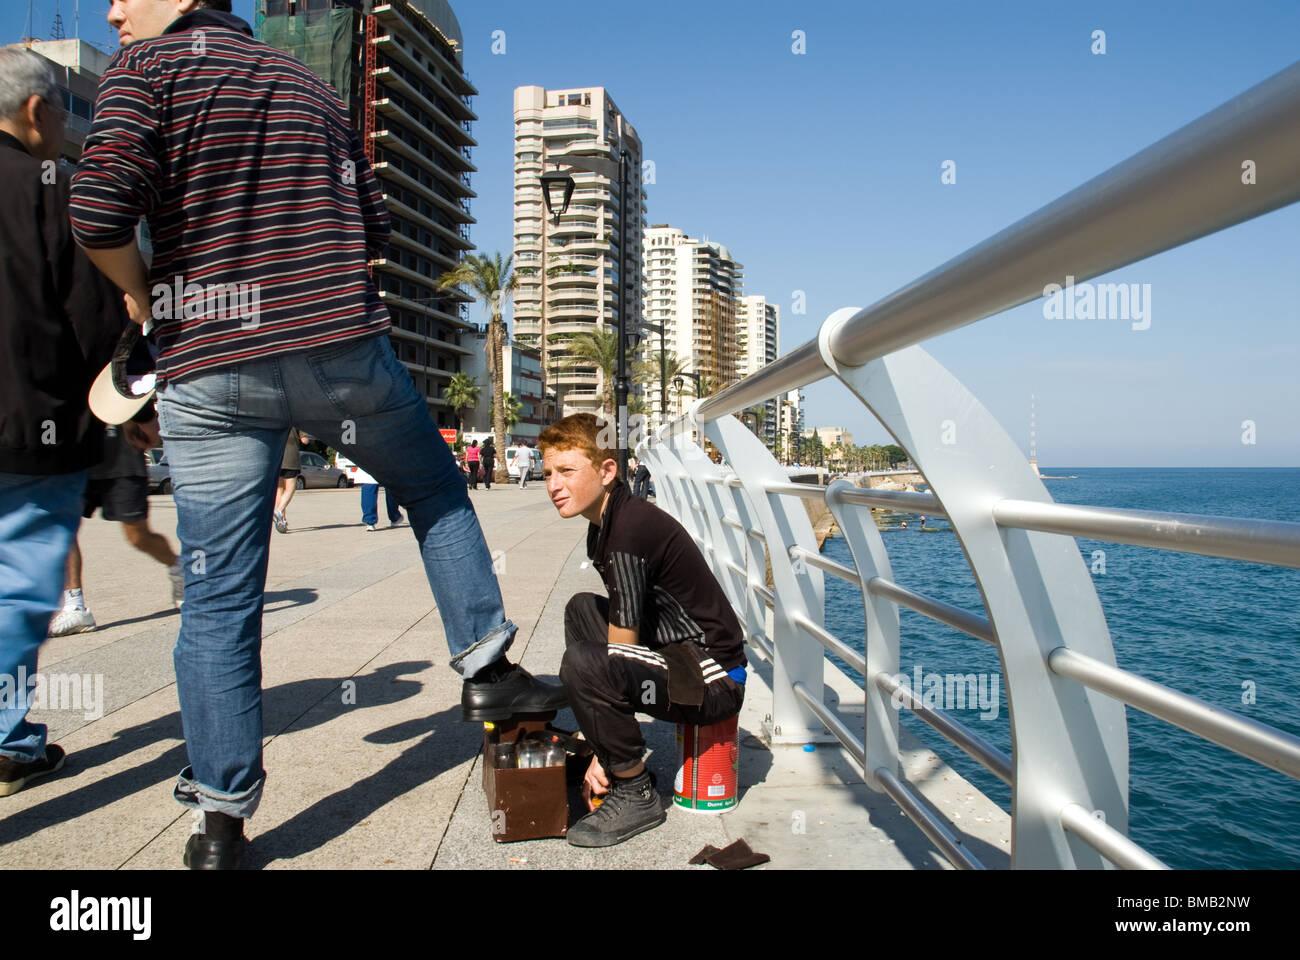 Nettoyant chaussures garçon chaussures homme plus âgé de peinture à Beyrouth Liban corniche Photo Stock